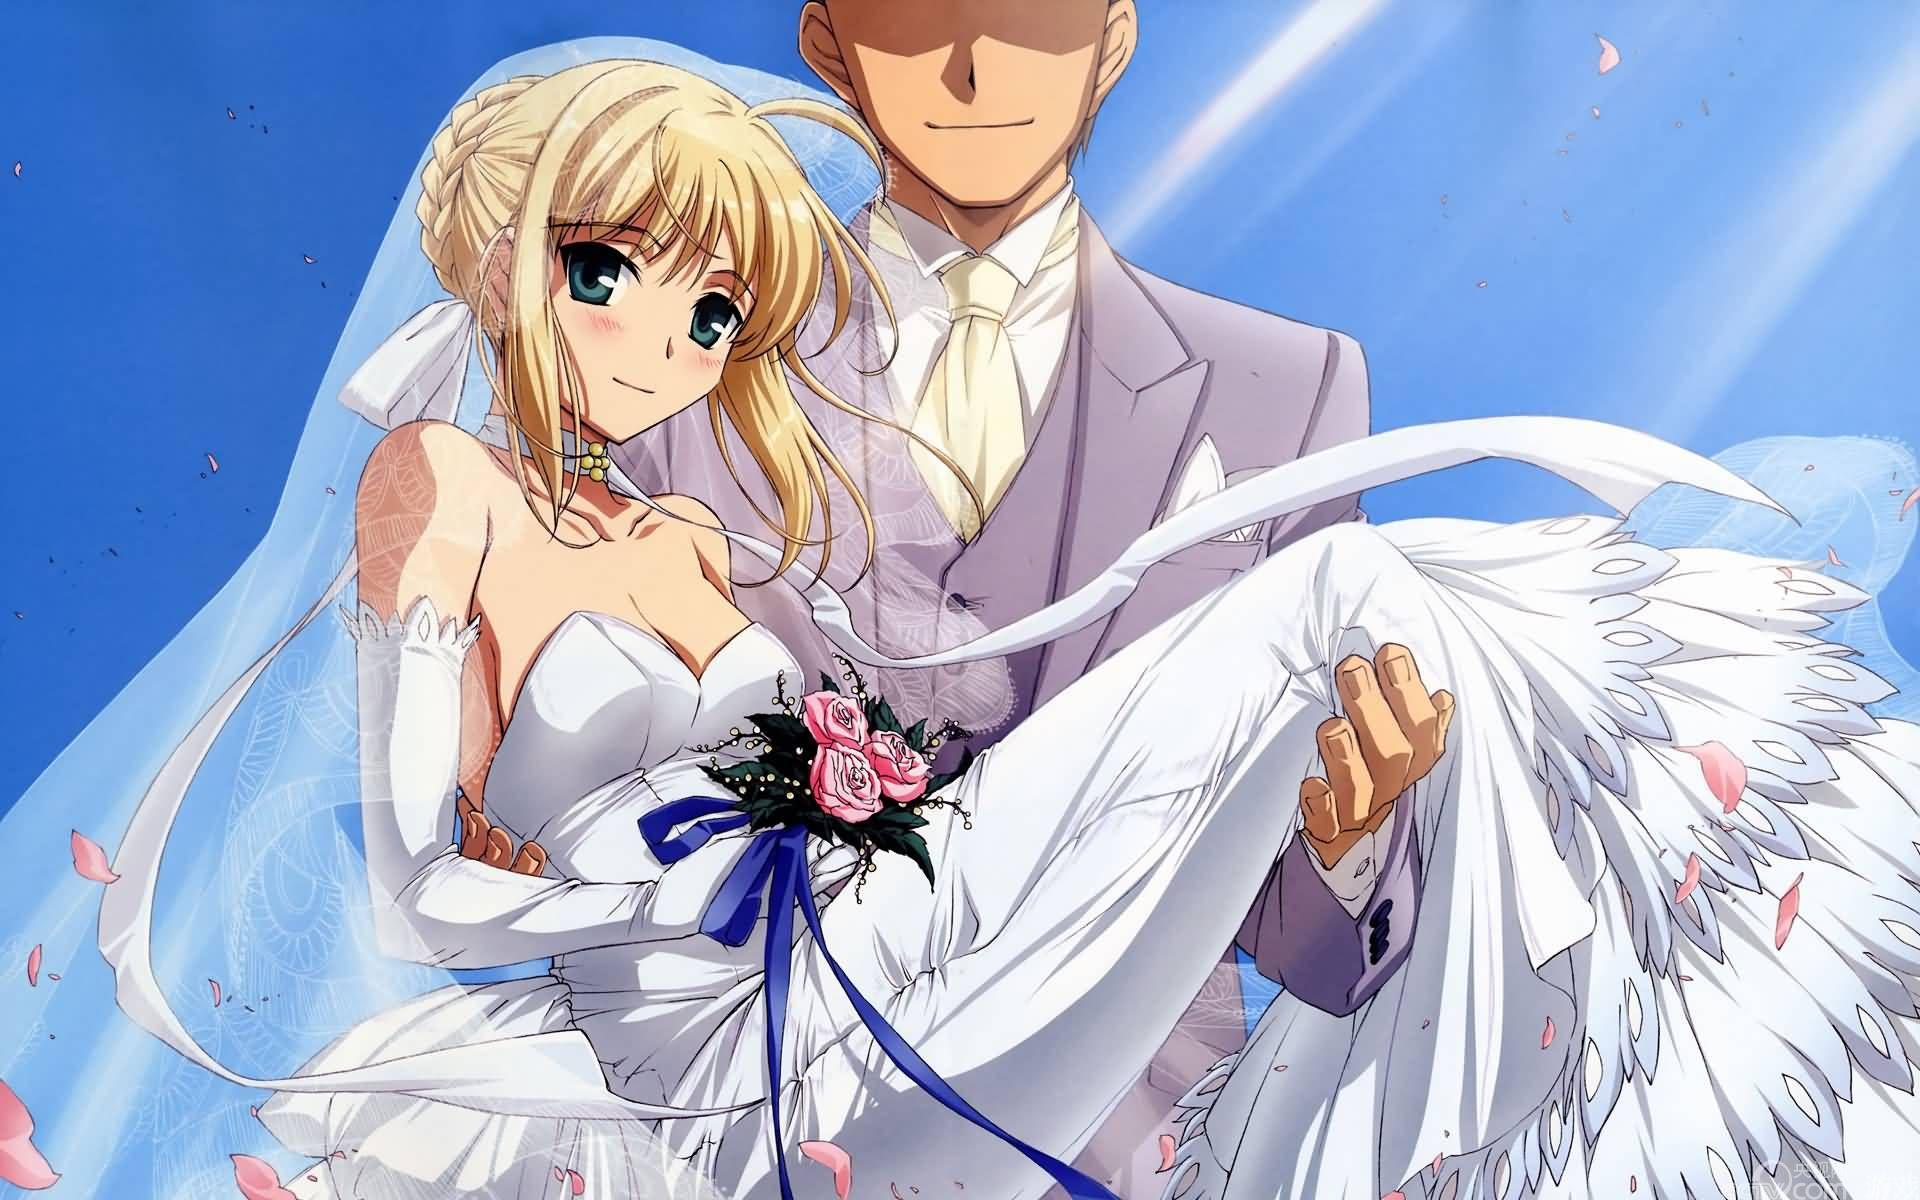 动人唯美《百万亚瑟王》之二次元婚纱照大盘仙剑传奇侠美女第一图片